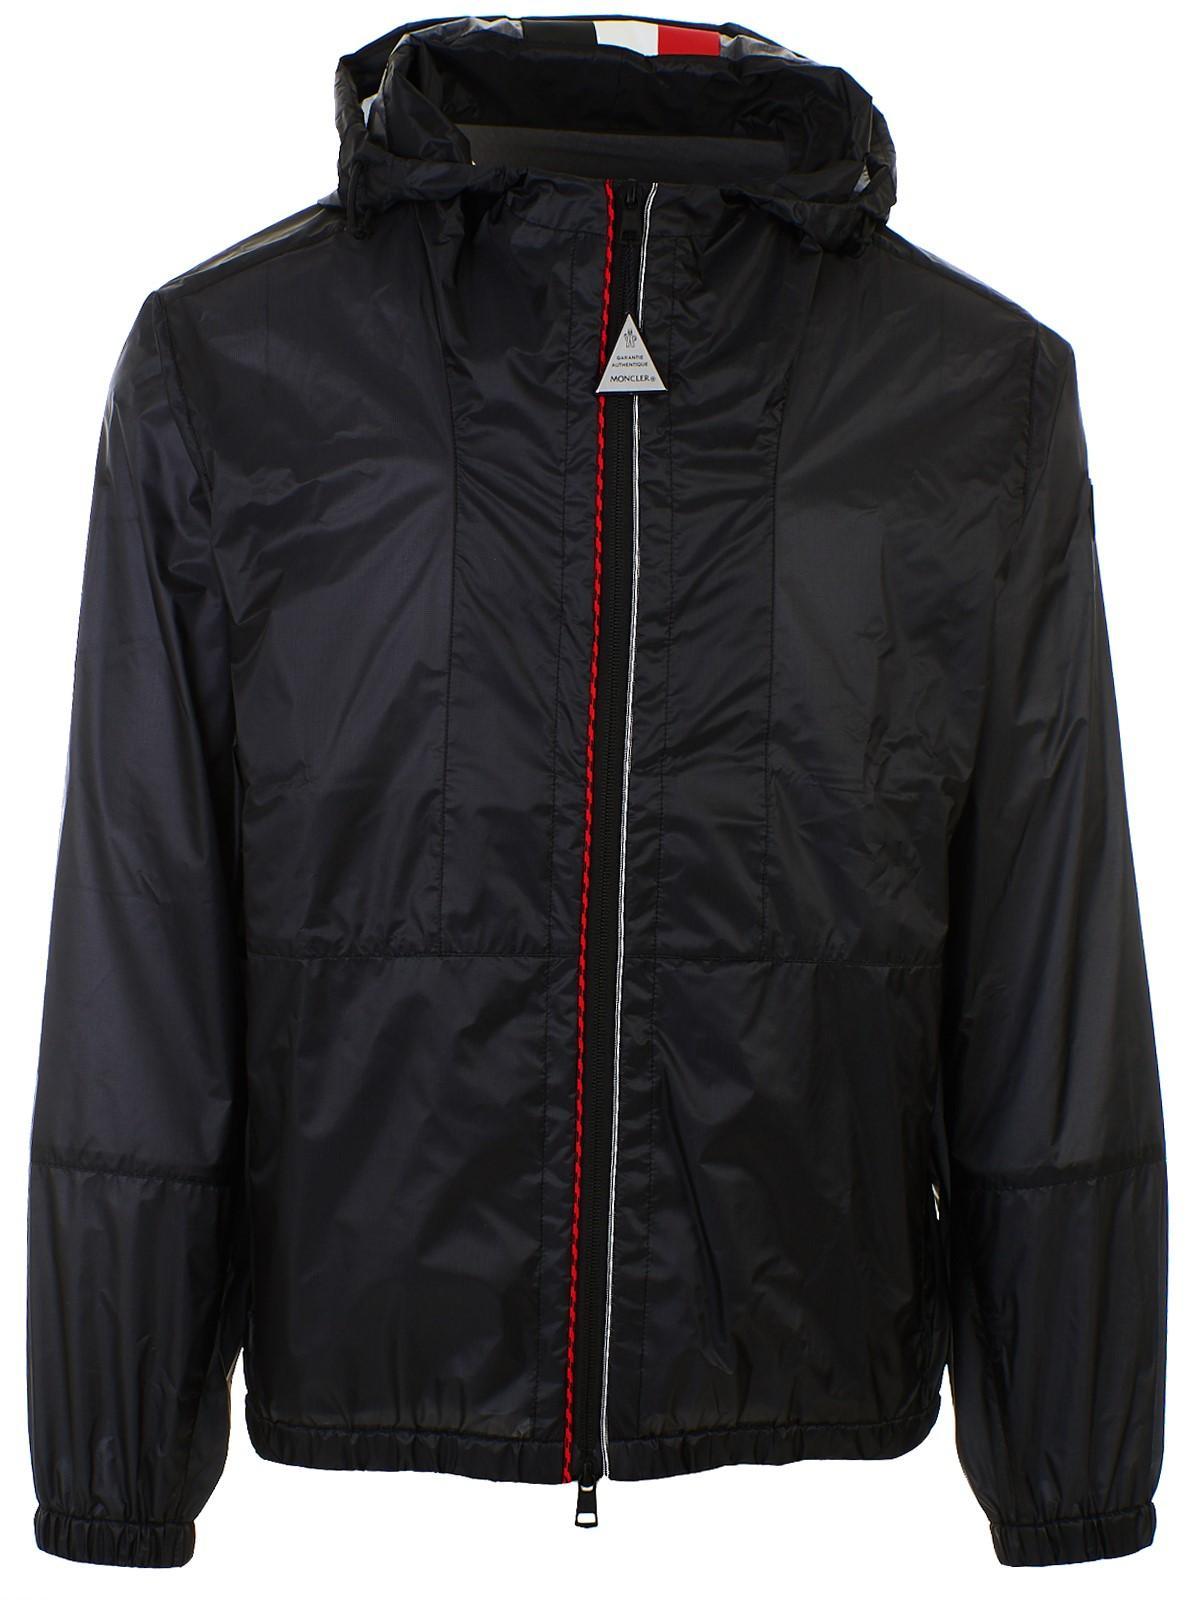 699dd64b67c9 Lyst - Moncler Black Auriol Jacket in Black for Men - Save 2%